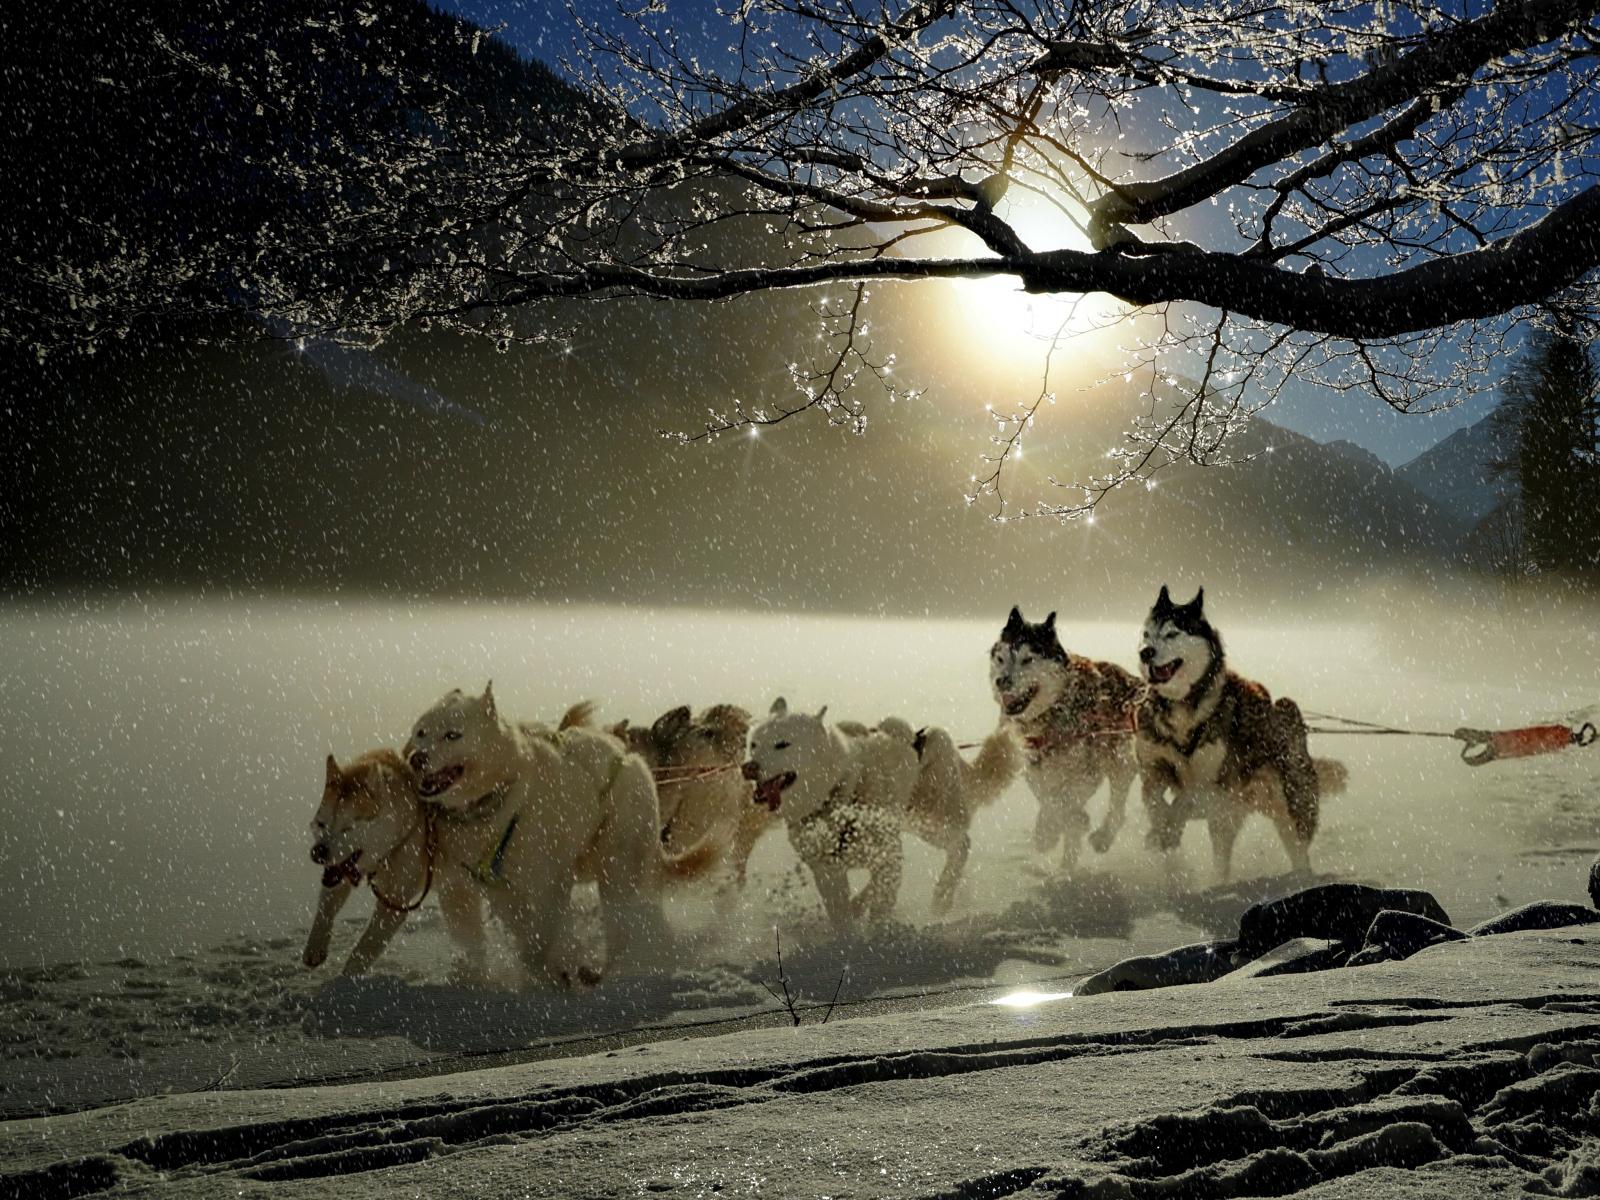 Dogs, run, winter, outdoor, 1600x1200 wallpaper